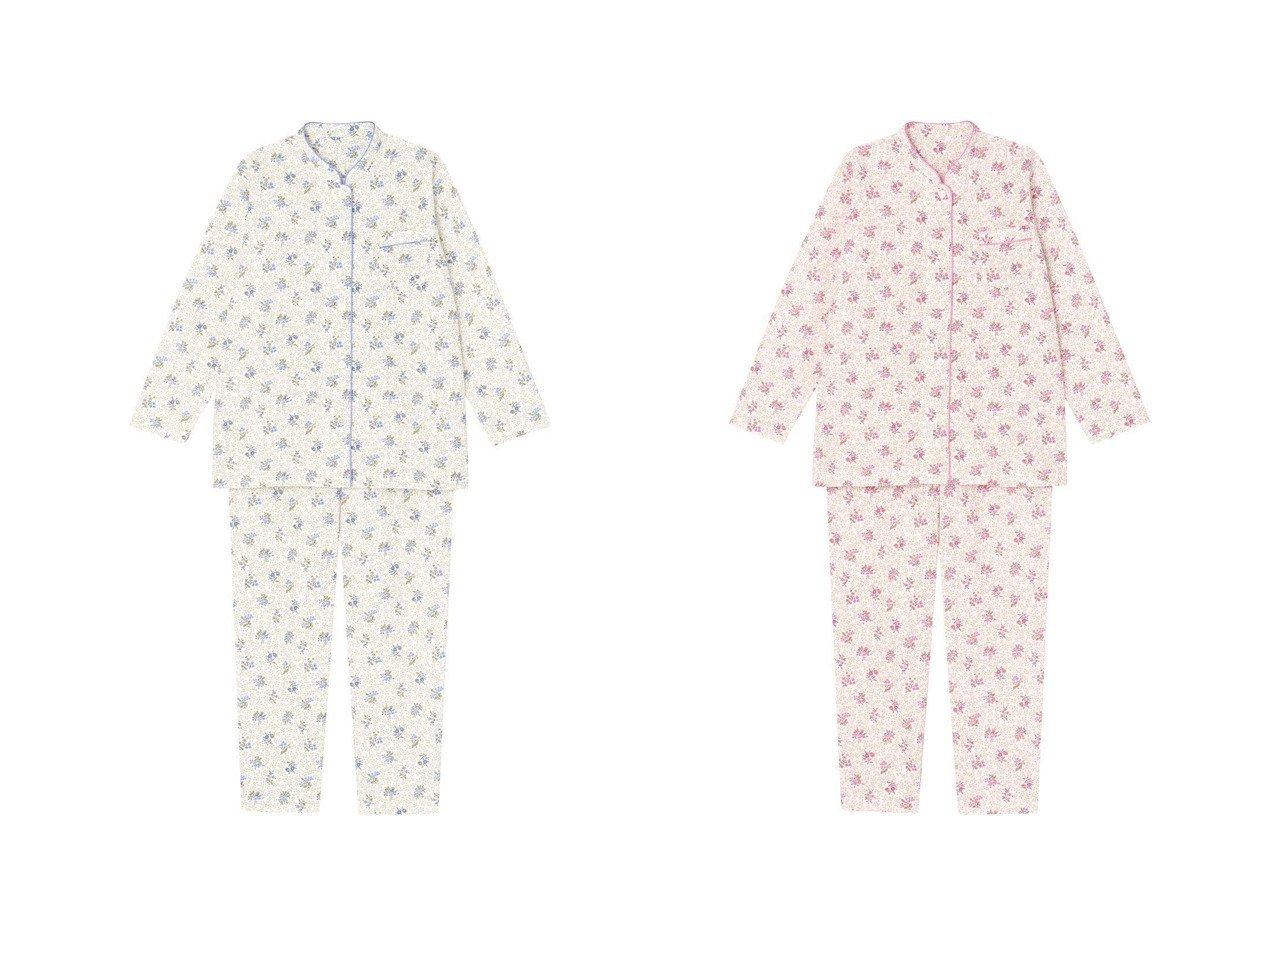 【Wing/ウィング】の【パジャマ】更紗タッチの小花柄 ロング袖・ロングパンツ ウイング/ワコール EP6051 おすすめ!人気、トレンド・レディースファッションの通販 おすすめで人気の流行・トレンド、ファッションの通販商品 インテリア・家具・メンズファッション・キッズファッション・レディースファッション・服の通販 founy(ファニー) https://founy.com/ ファッション Fashion レディースファッション WOMEN パンツ Pants アンダー キルト シンプル スタンド パジャマ リーフ ロング 送料無料 Free Shipping |ID:crp329100000070643